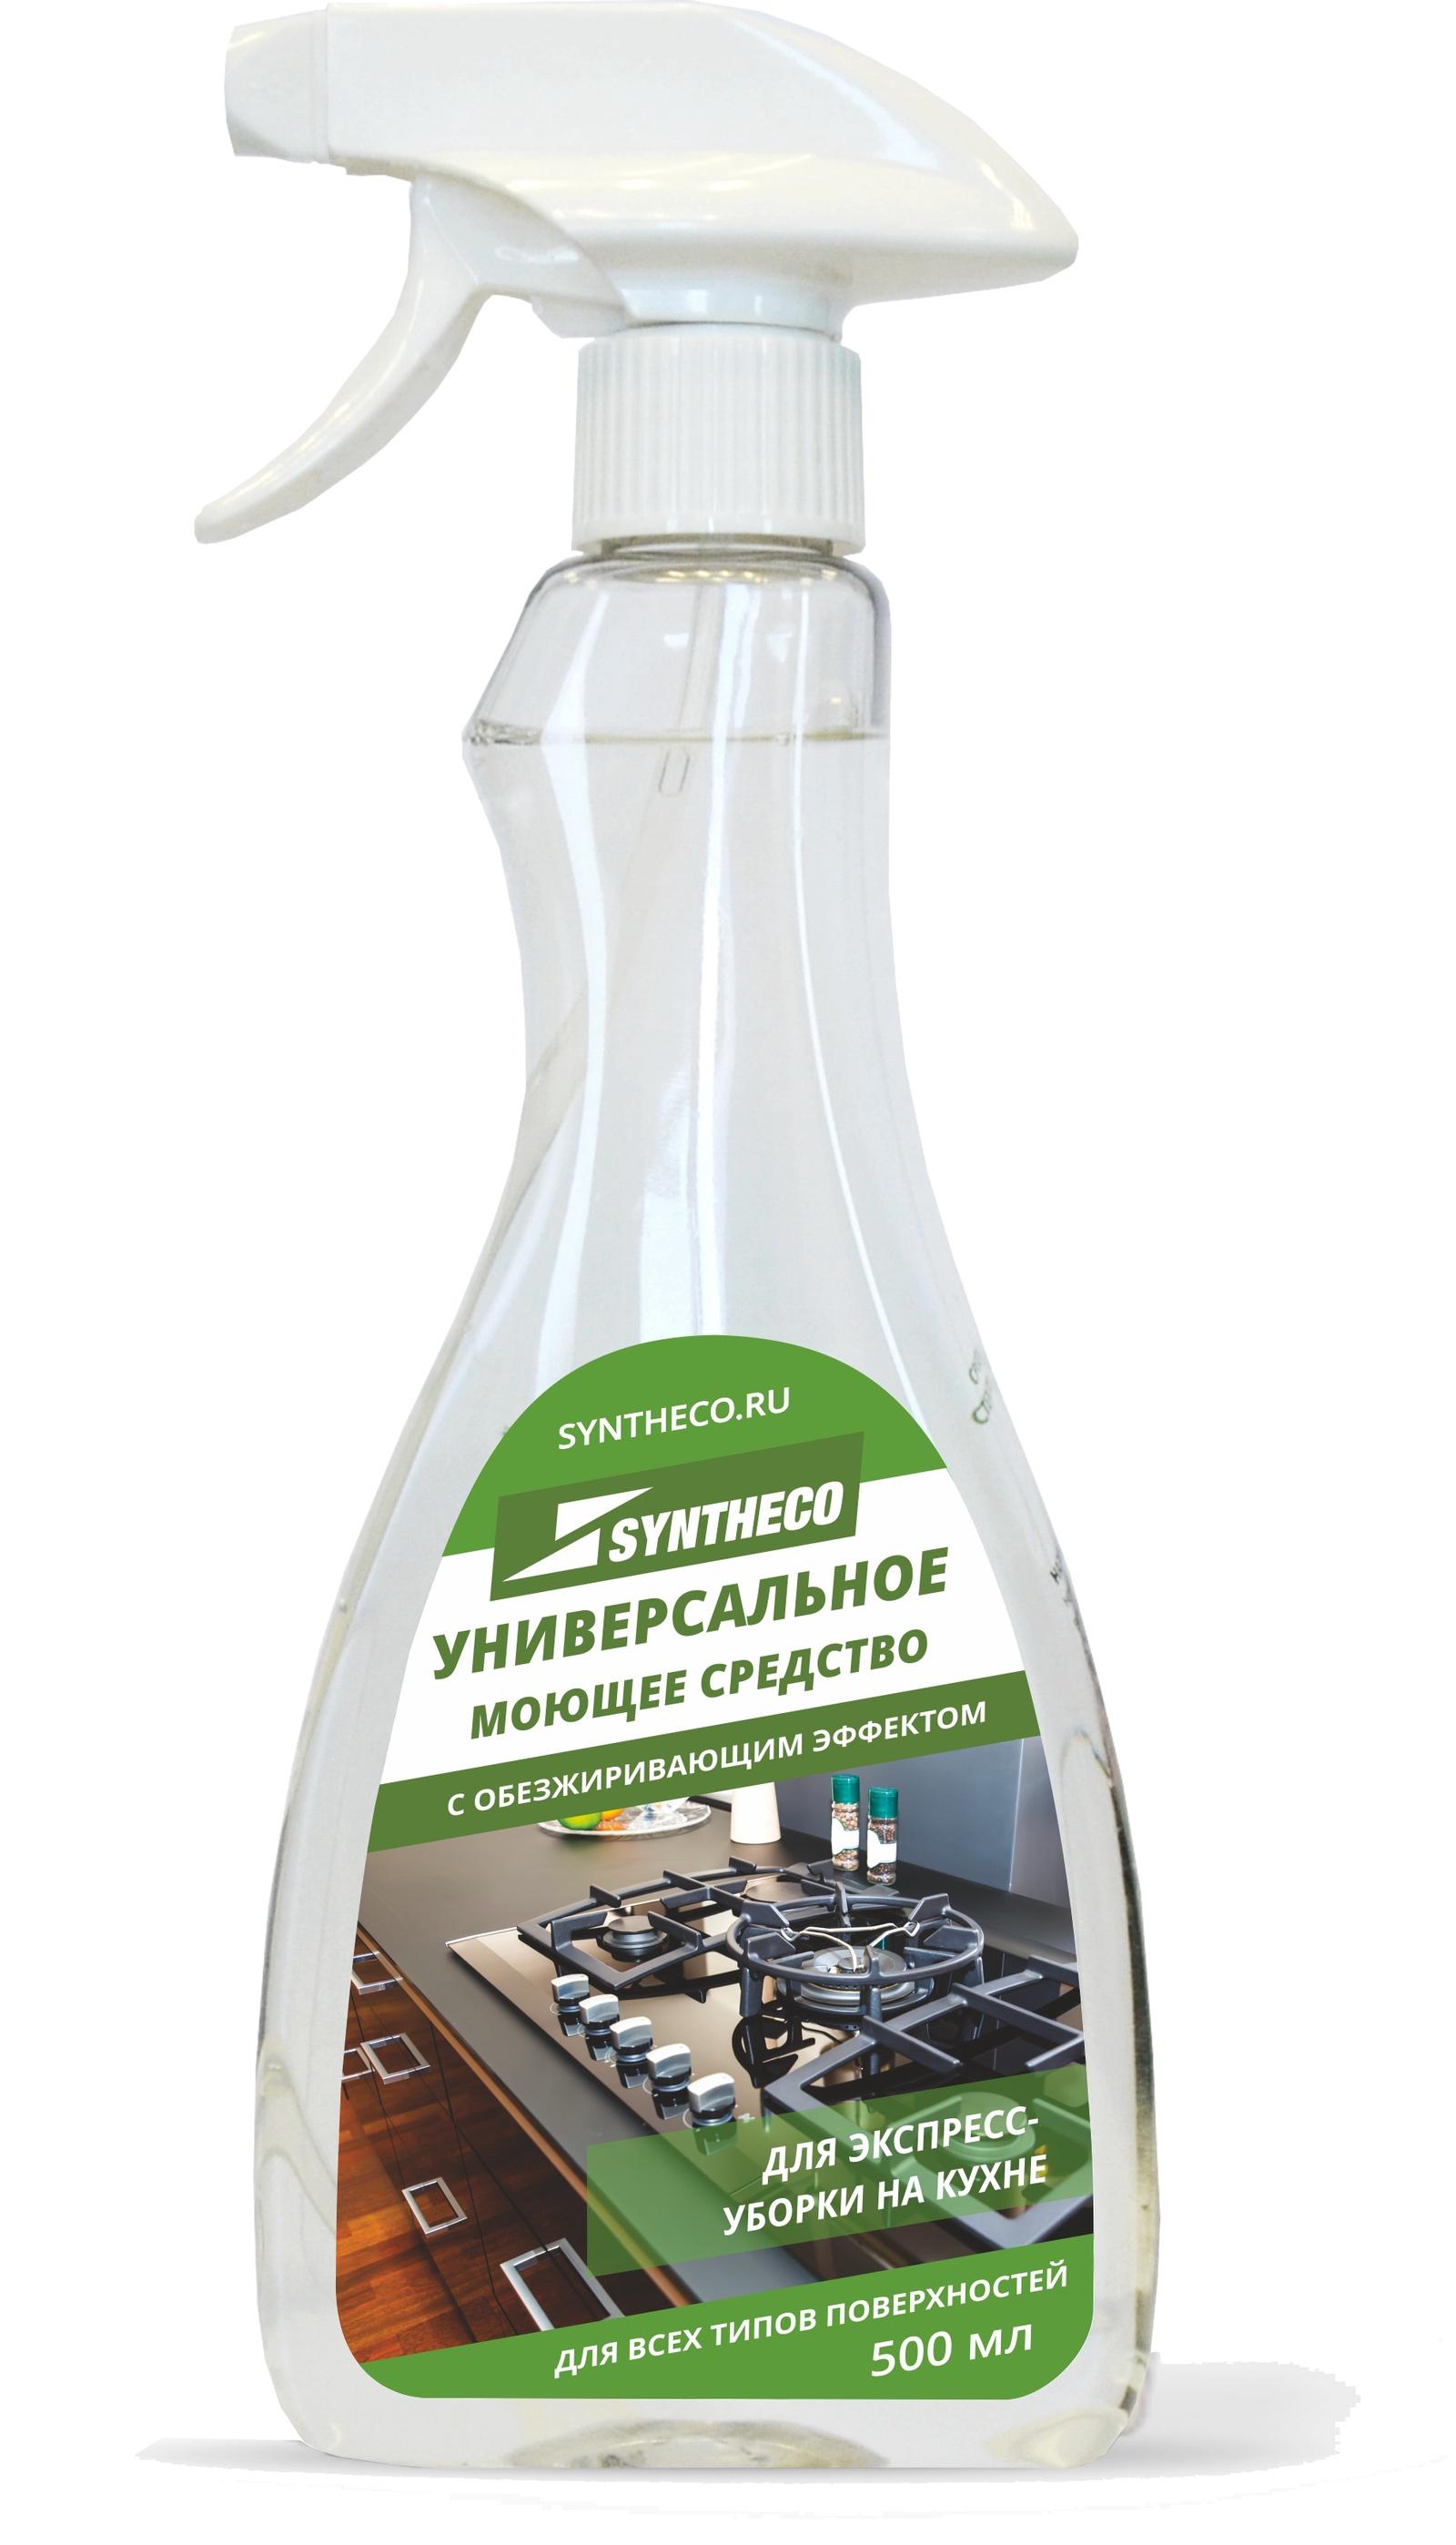 Syntheco Универсальное моющее средство с обезжиривающим эффектом, 0,5 кг